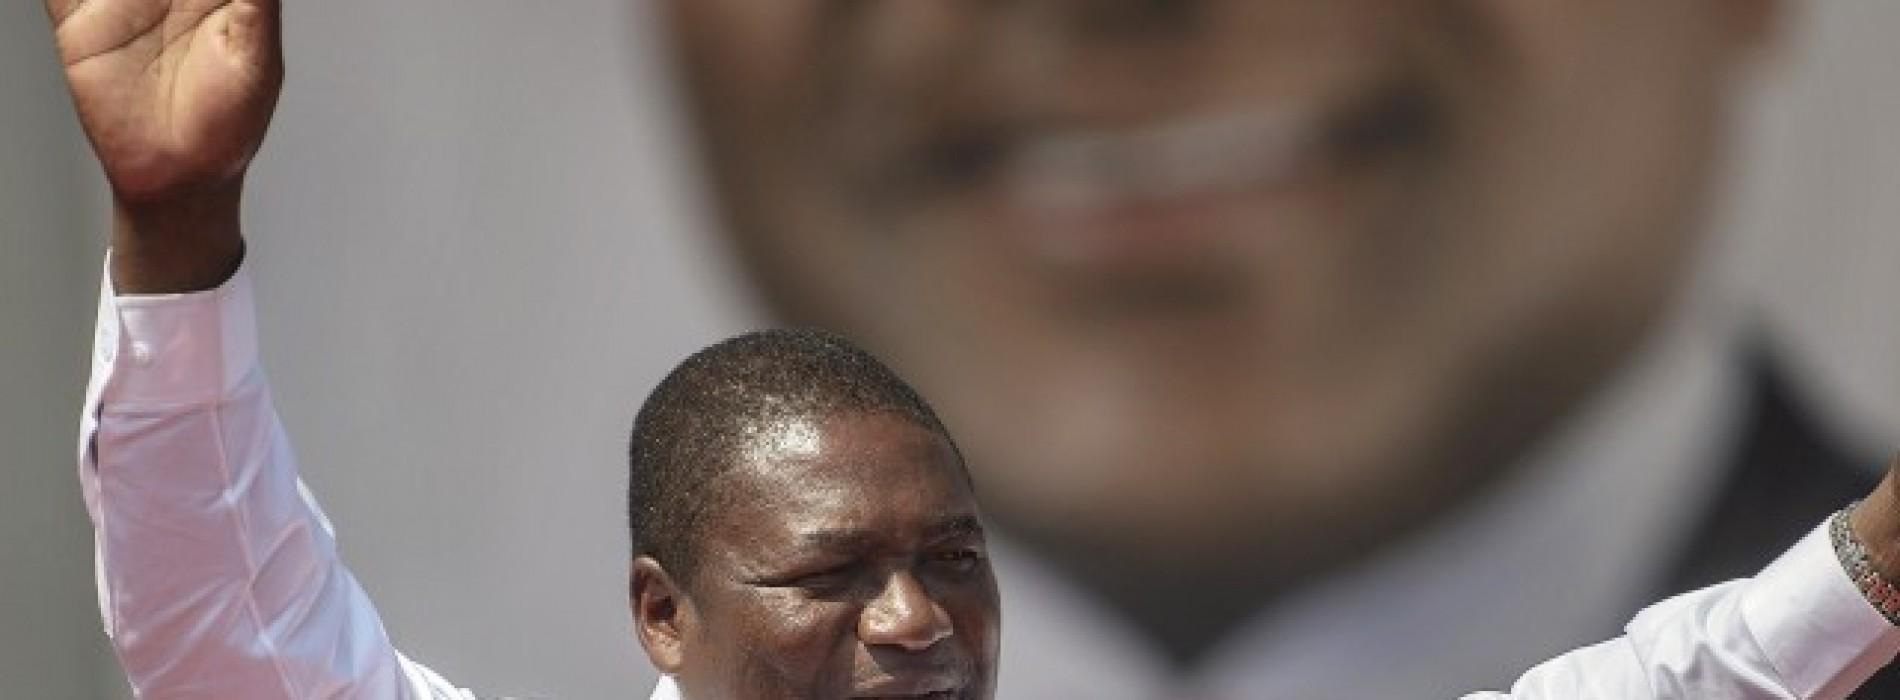 Mozambico, le prospettive sul gas naturale garantiscono un compromesso politico